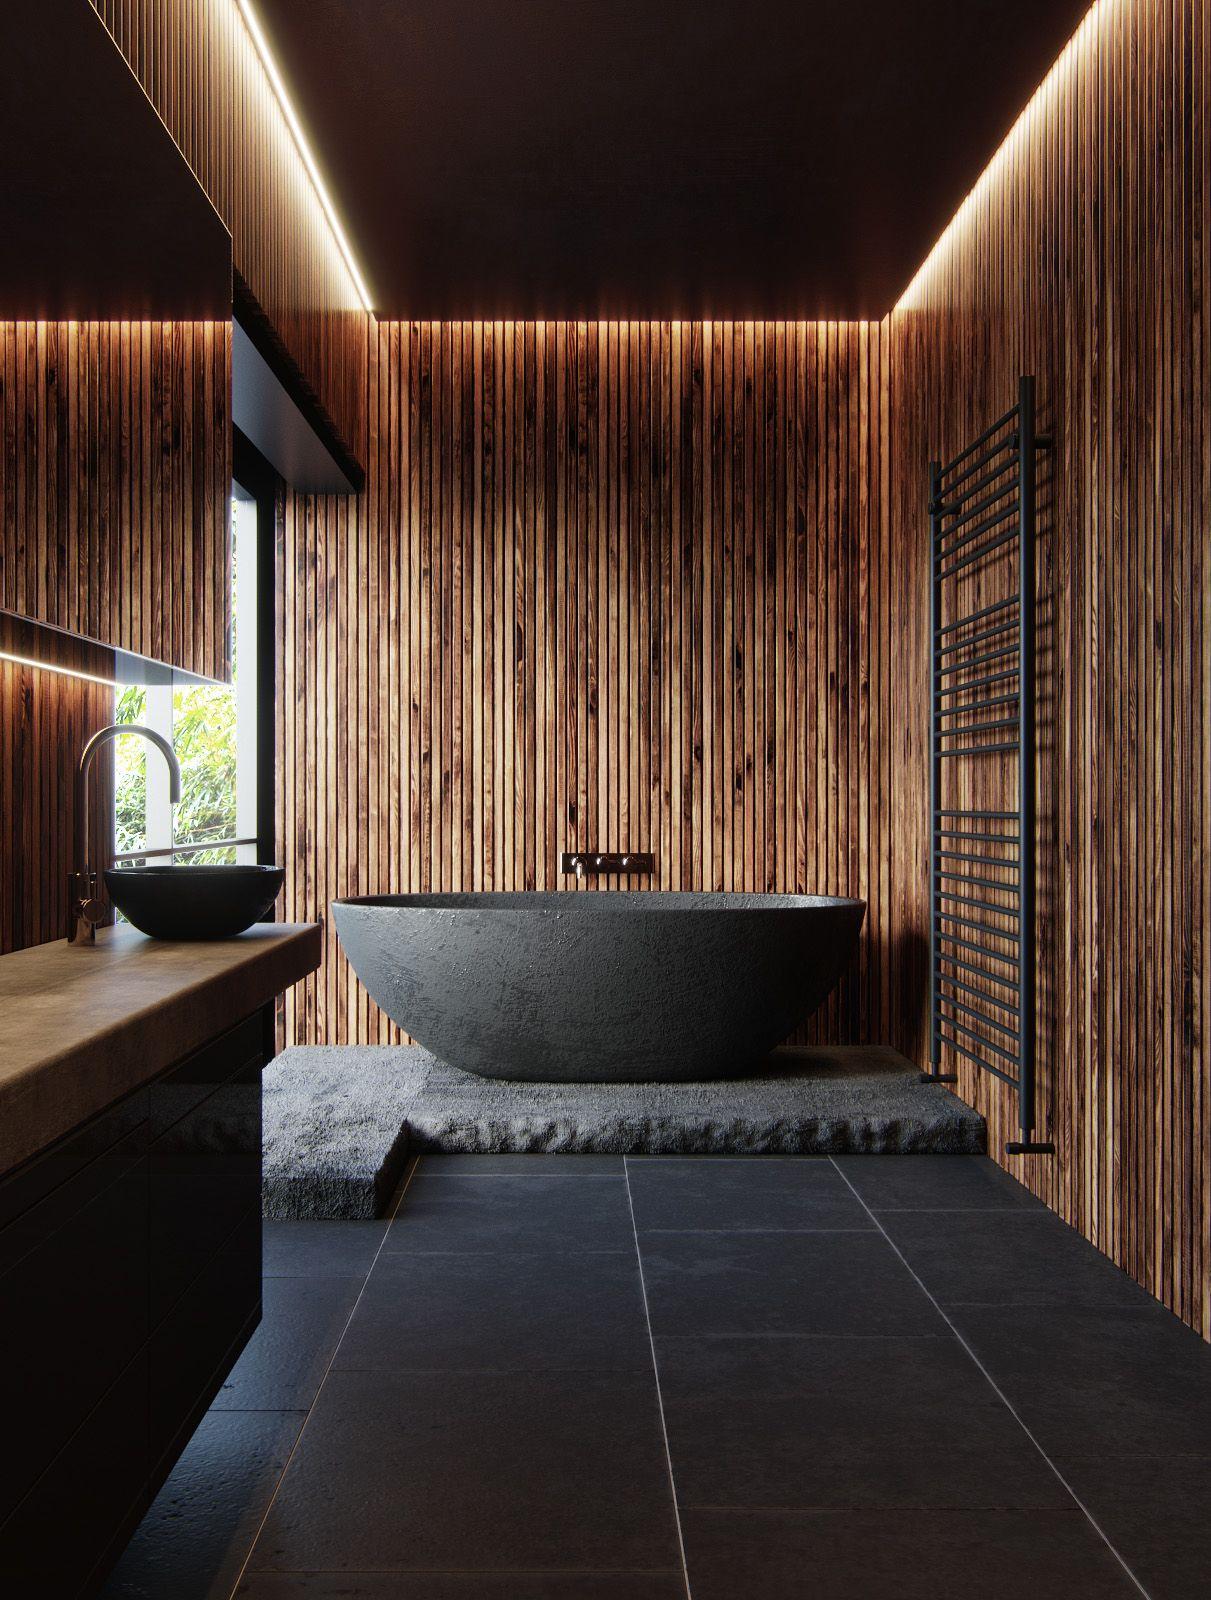 Die Holz Und Steinoptik Dieses Bades Wird Durch Die Indirekte Beleuchtung Sehr Schon Betont Interior Do Banheiro Banheiros Modernos Ideias Para Casas De Banho